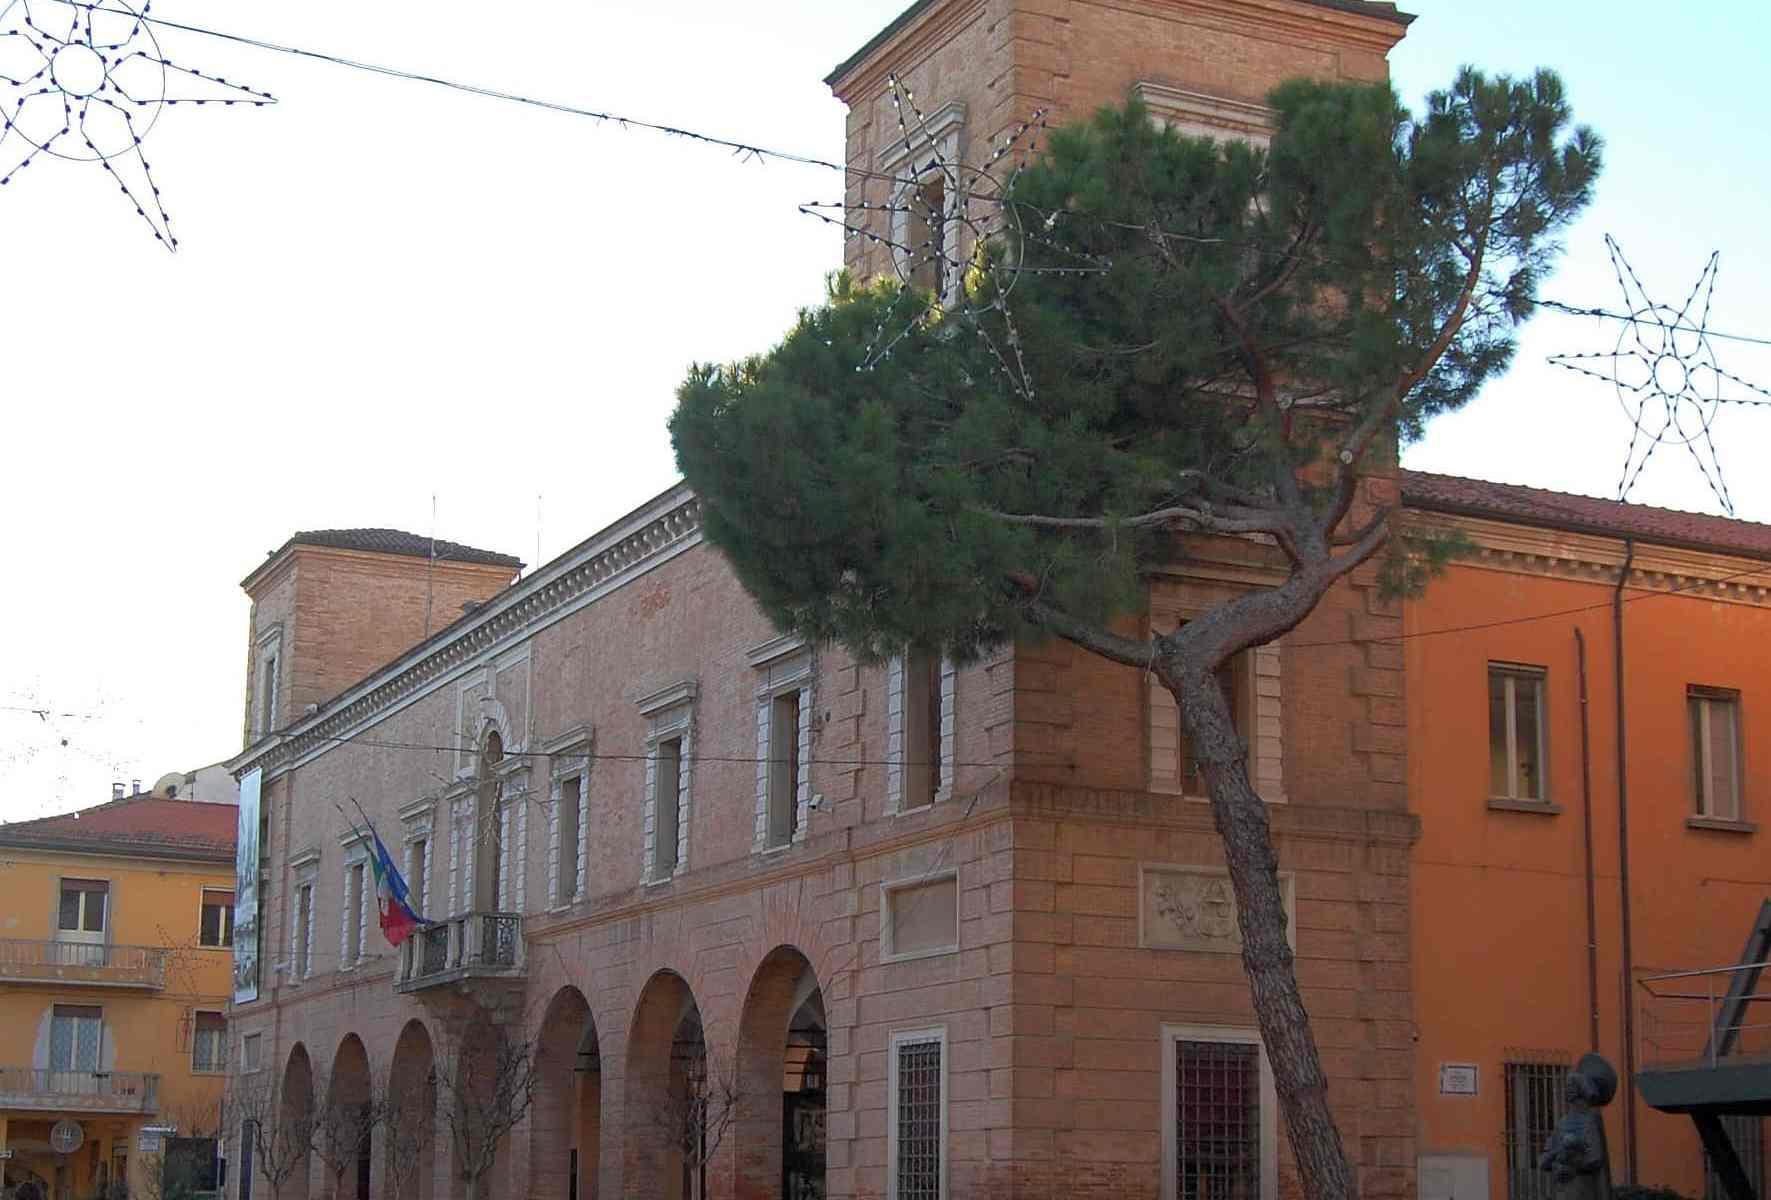 castel bolognese via emilia pentecoste